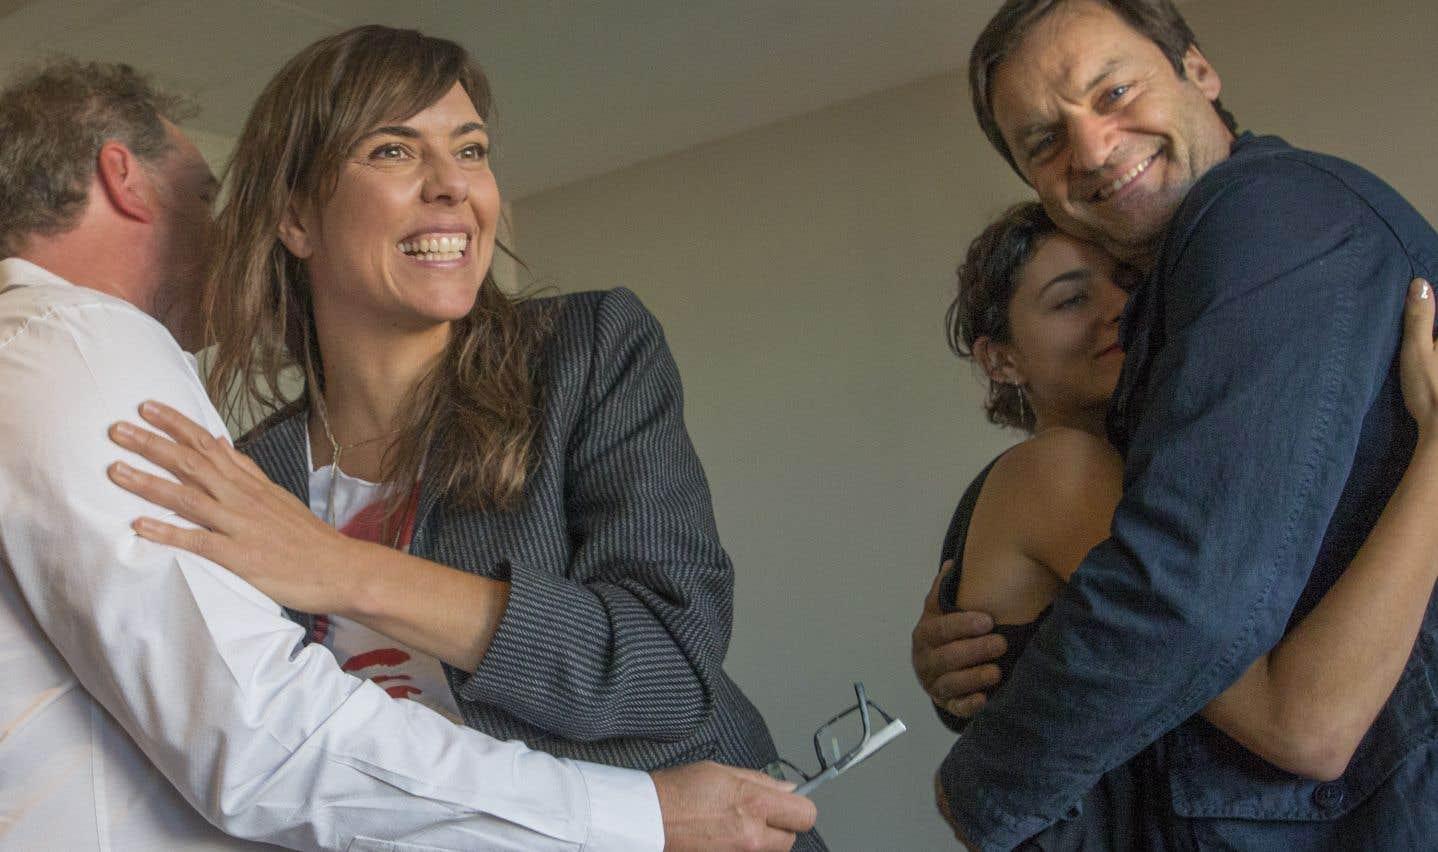 La réalisatrice québécoise Sophie Deraspe, au moment où elle a appris que son film «Antigone» représentera le Canada dans la course à l'Oscar du meilleur film international. L'adaptation actuelle et montréalaise de la pièce de Sophocle a également remporté le prix du meilleur long métrage canadien au Festival international du film de Toronto.